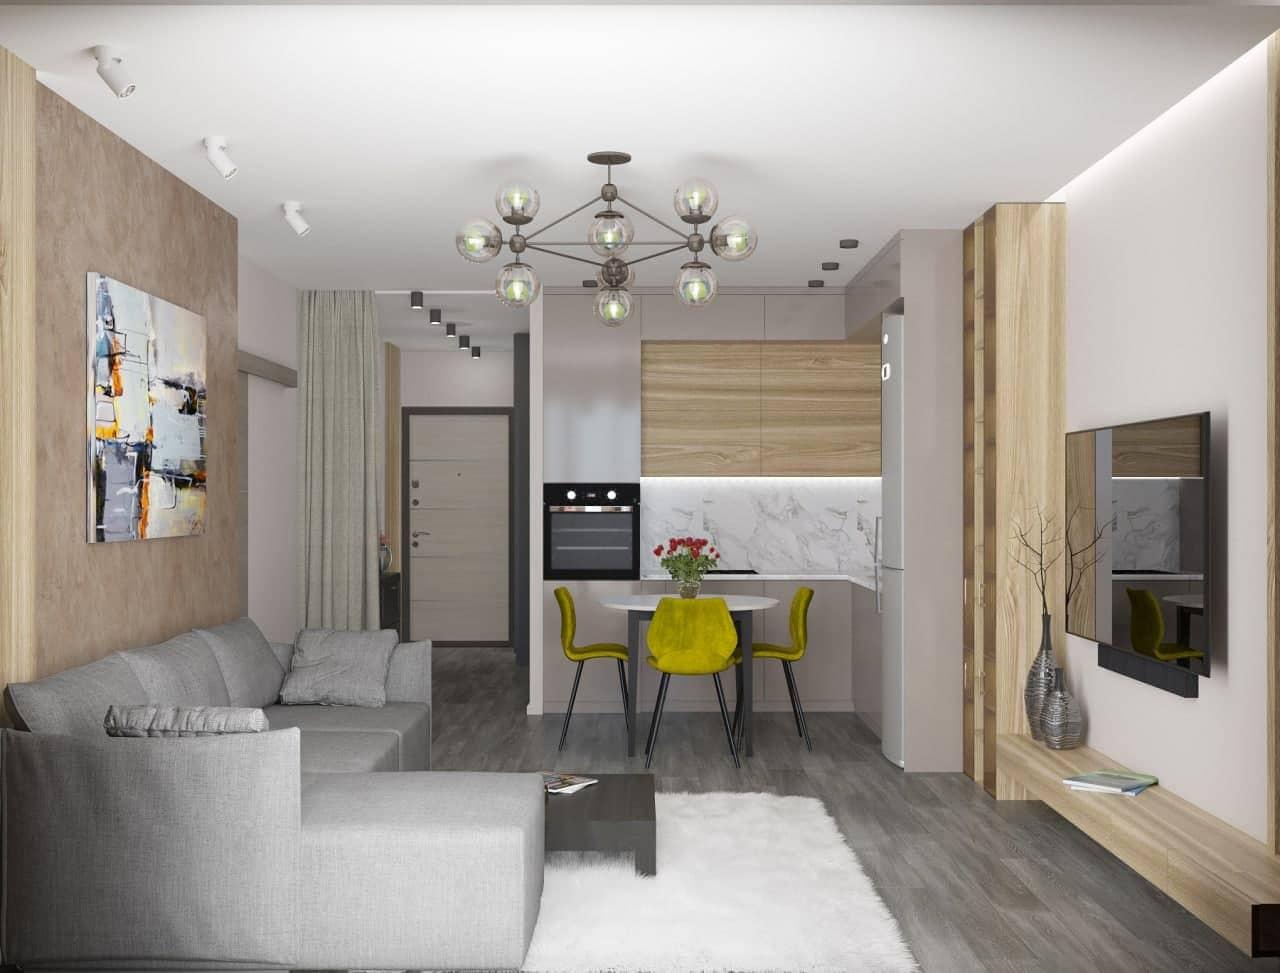 дизайнерский ремонт дома